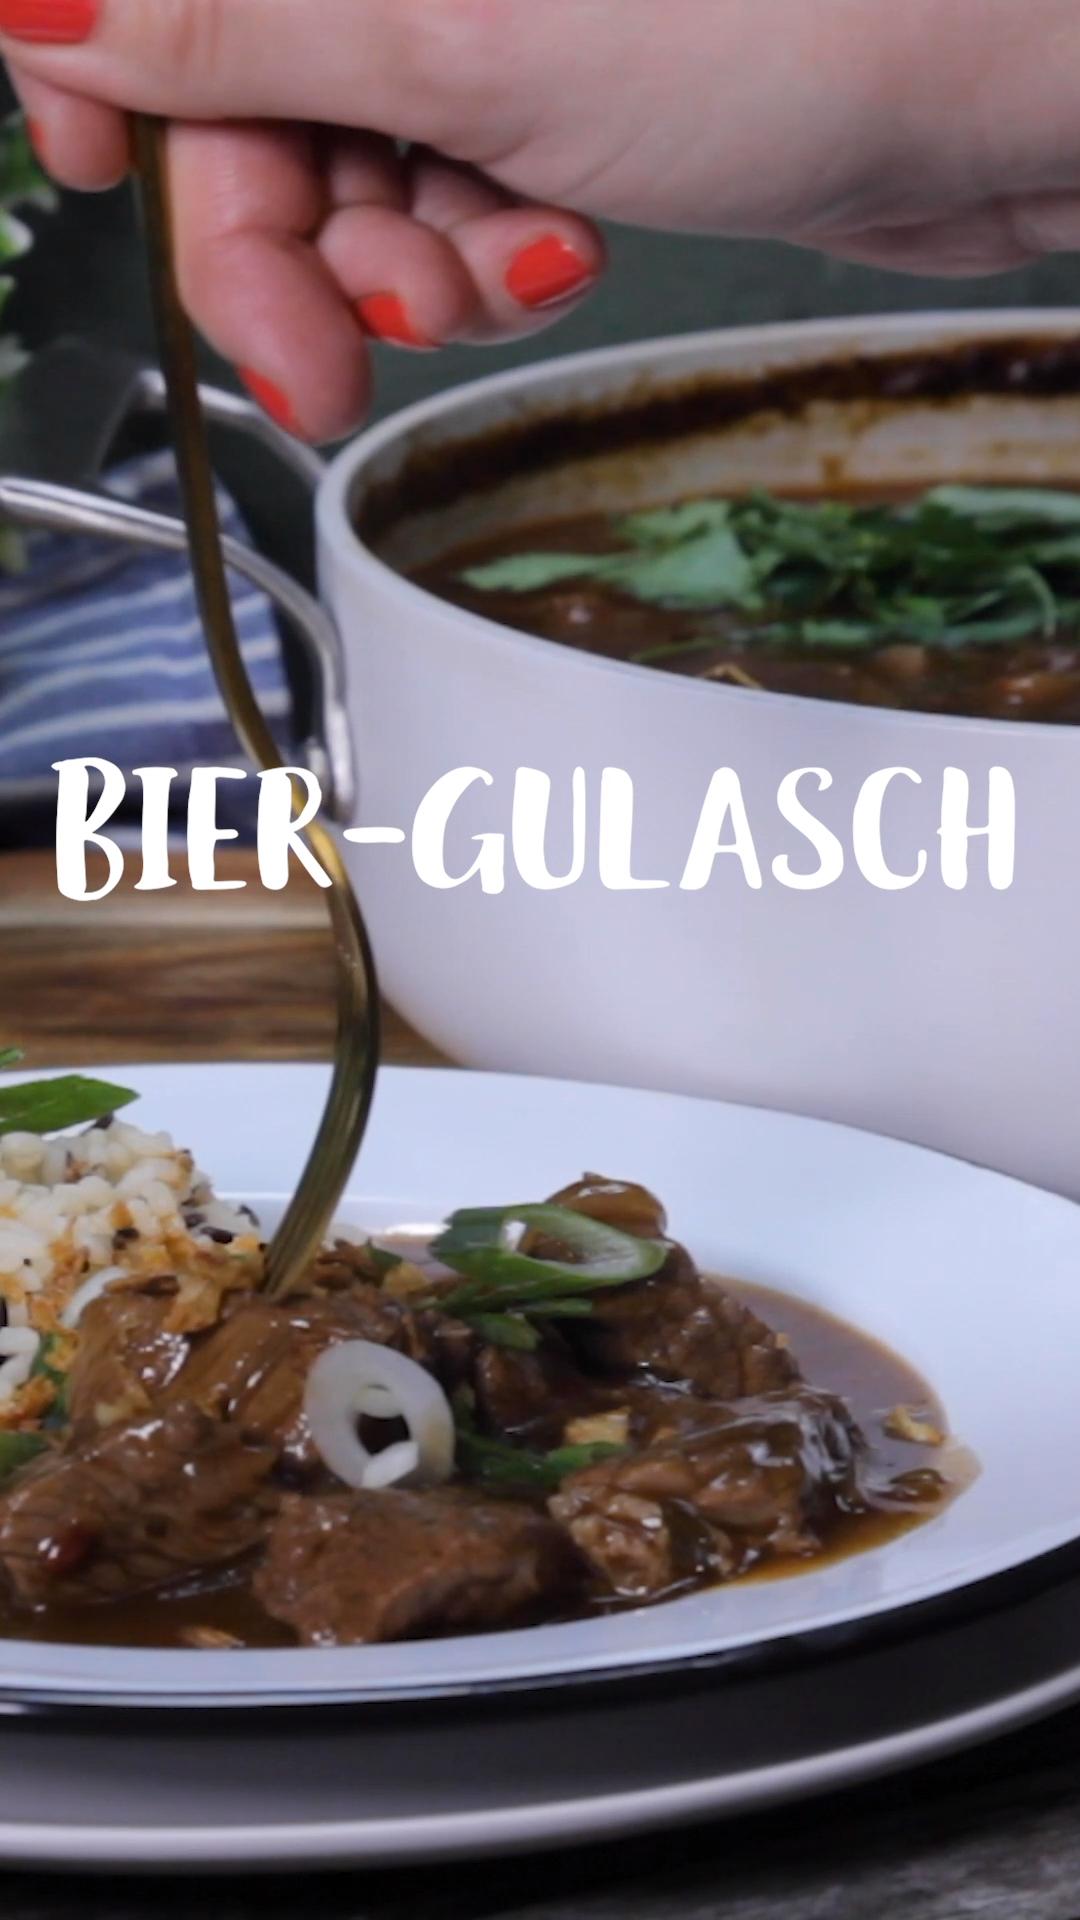 Bier-Gulasch #beefsteakrecipe